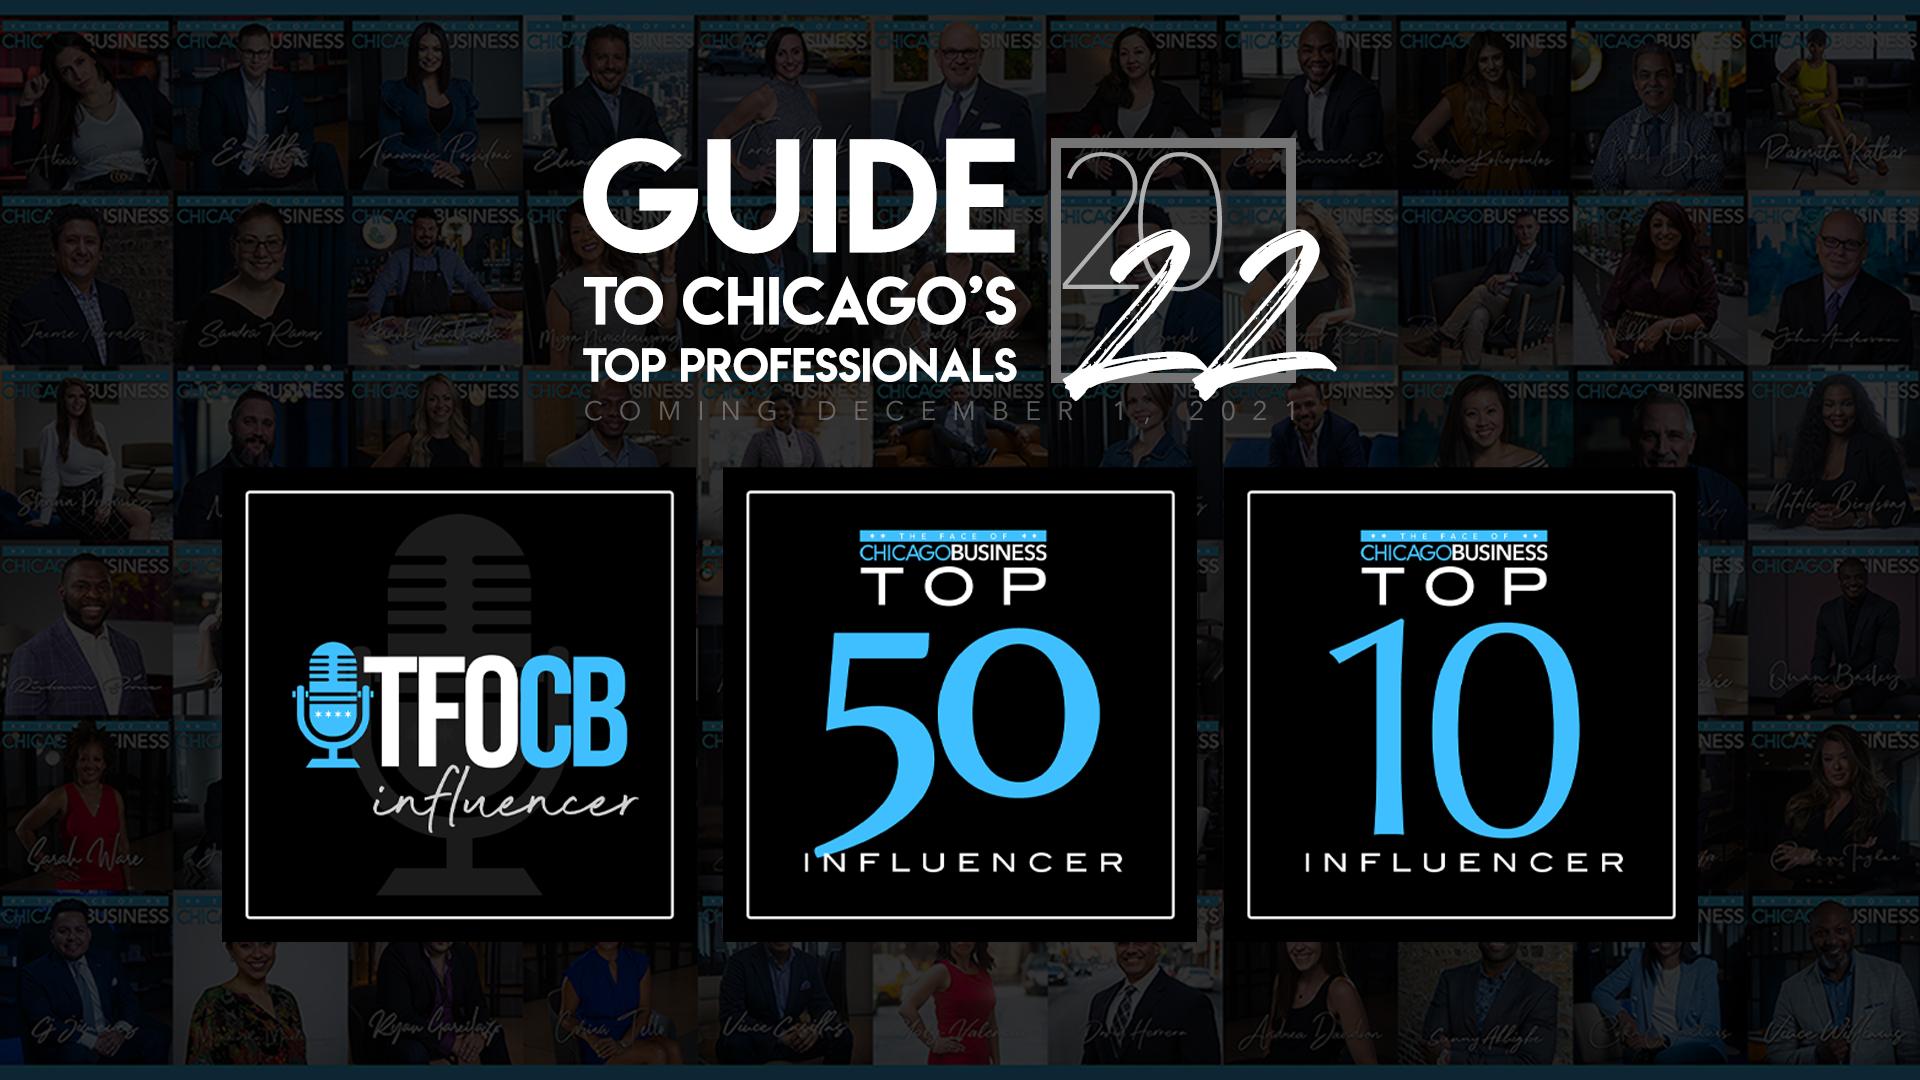 TFOCB Top Influencers